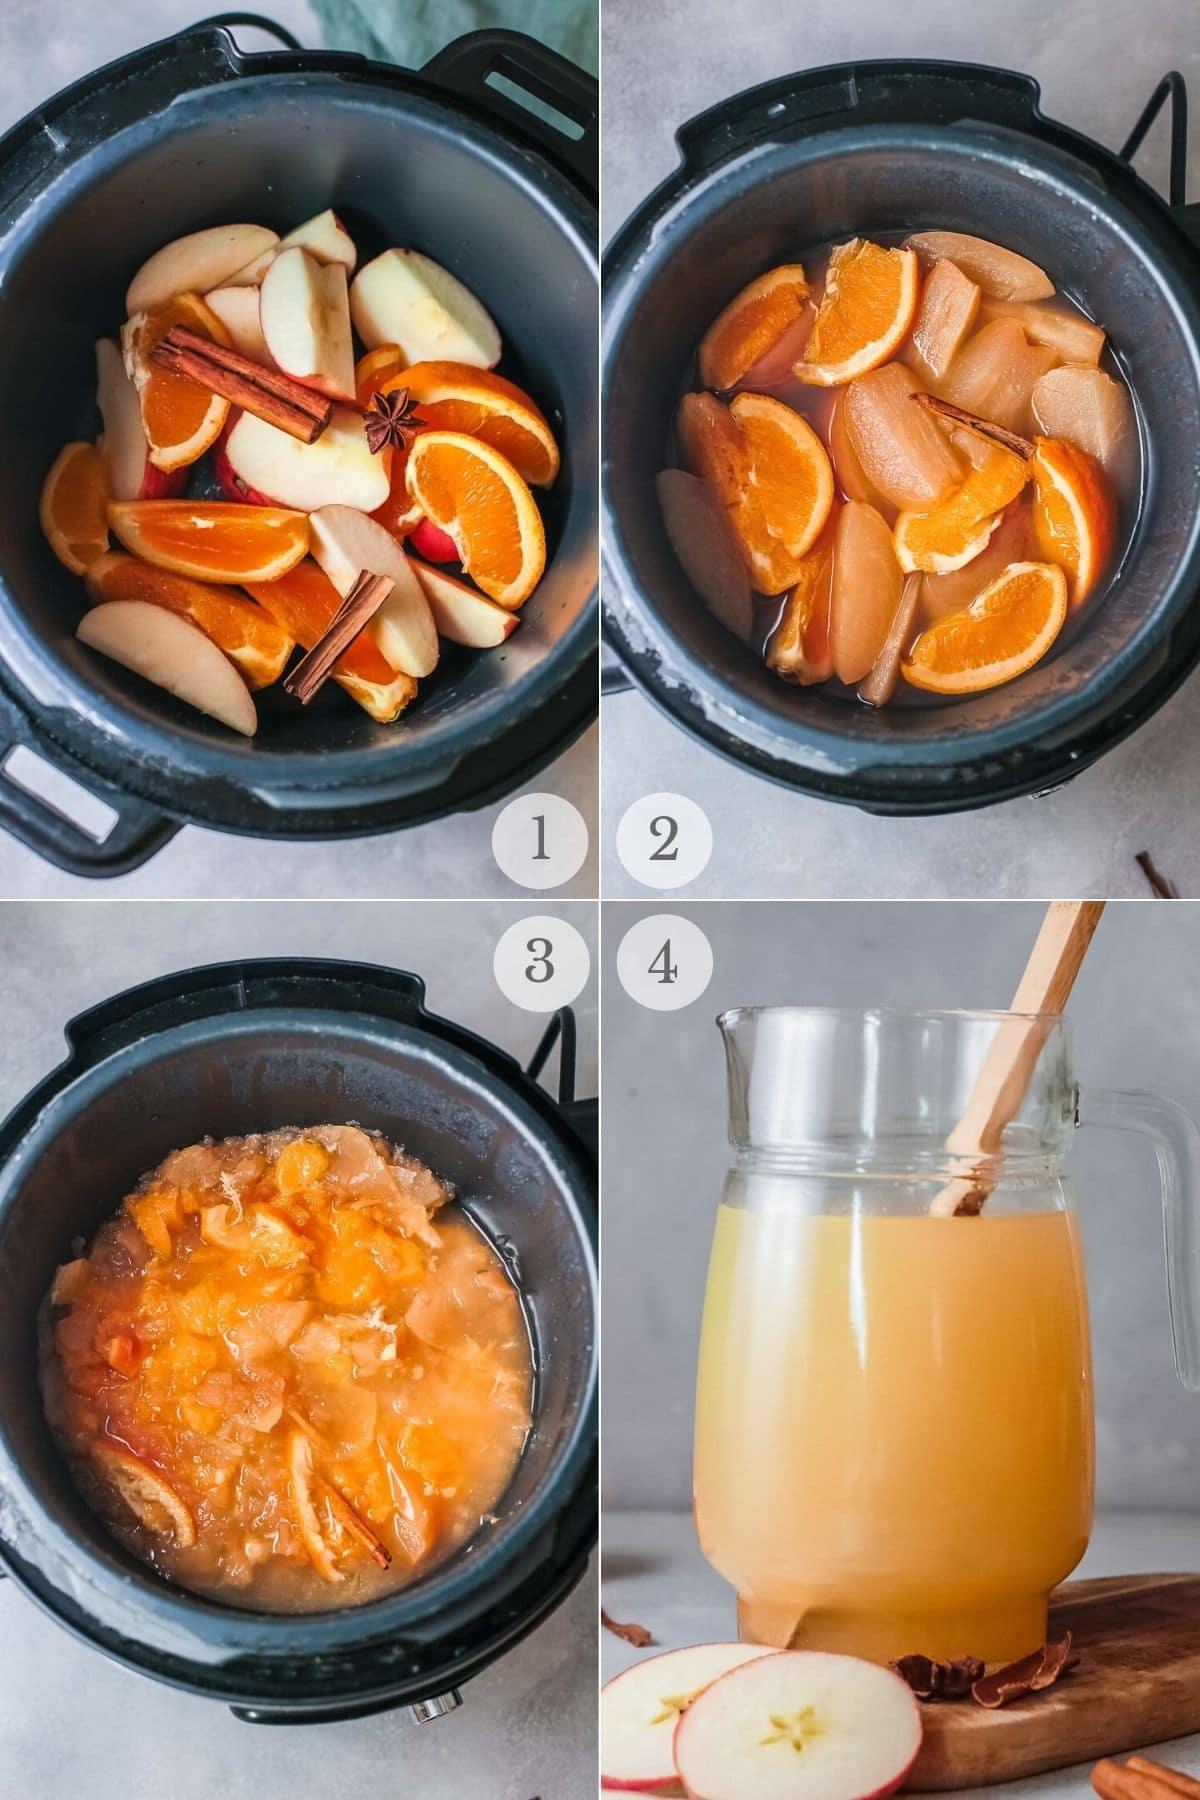 homemade apple cider recipe steps 1-4